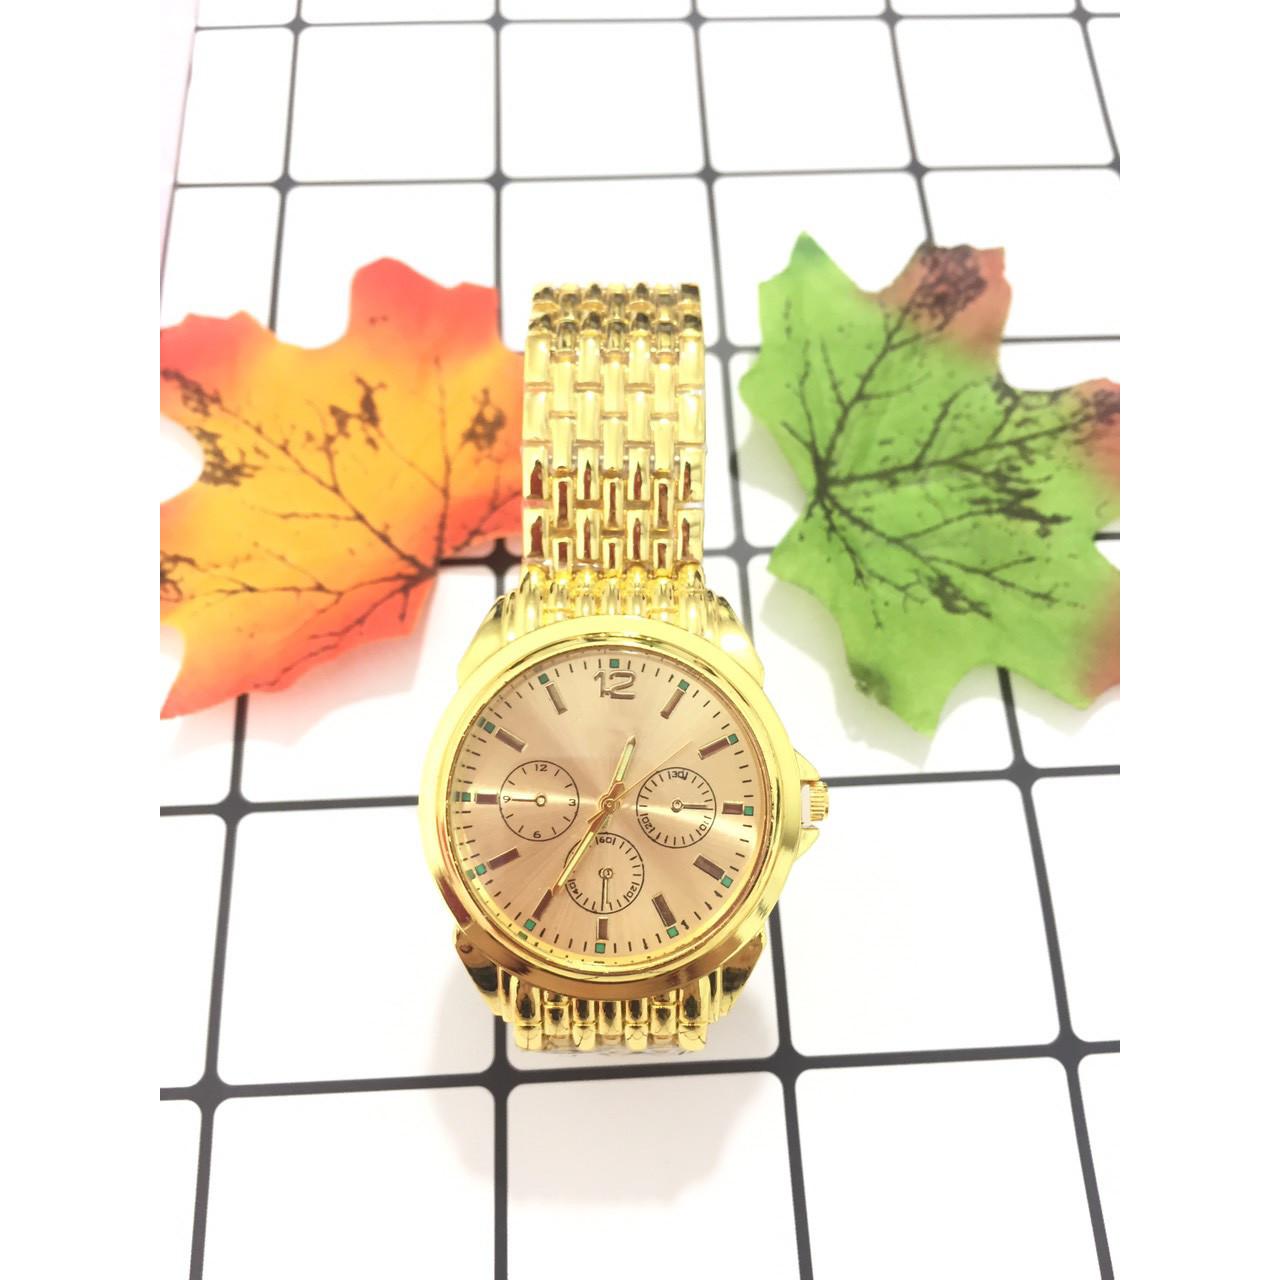 Đồng hồ đeo tay nam nữ unisex thời trang ZO59 dây màu vàng hợp kim sang trọng thời thượng